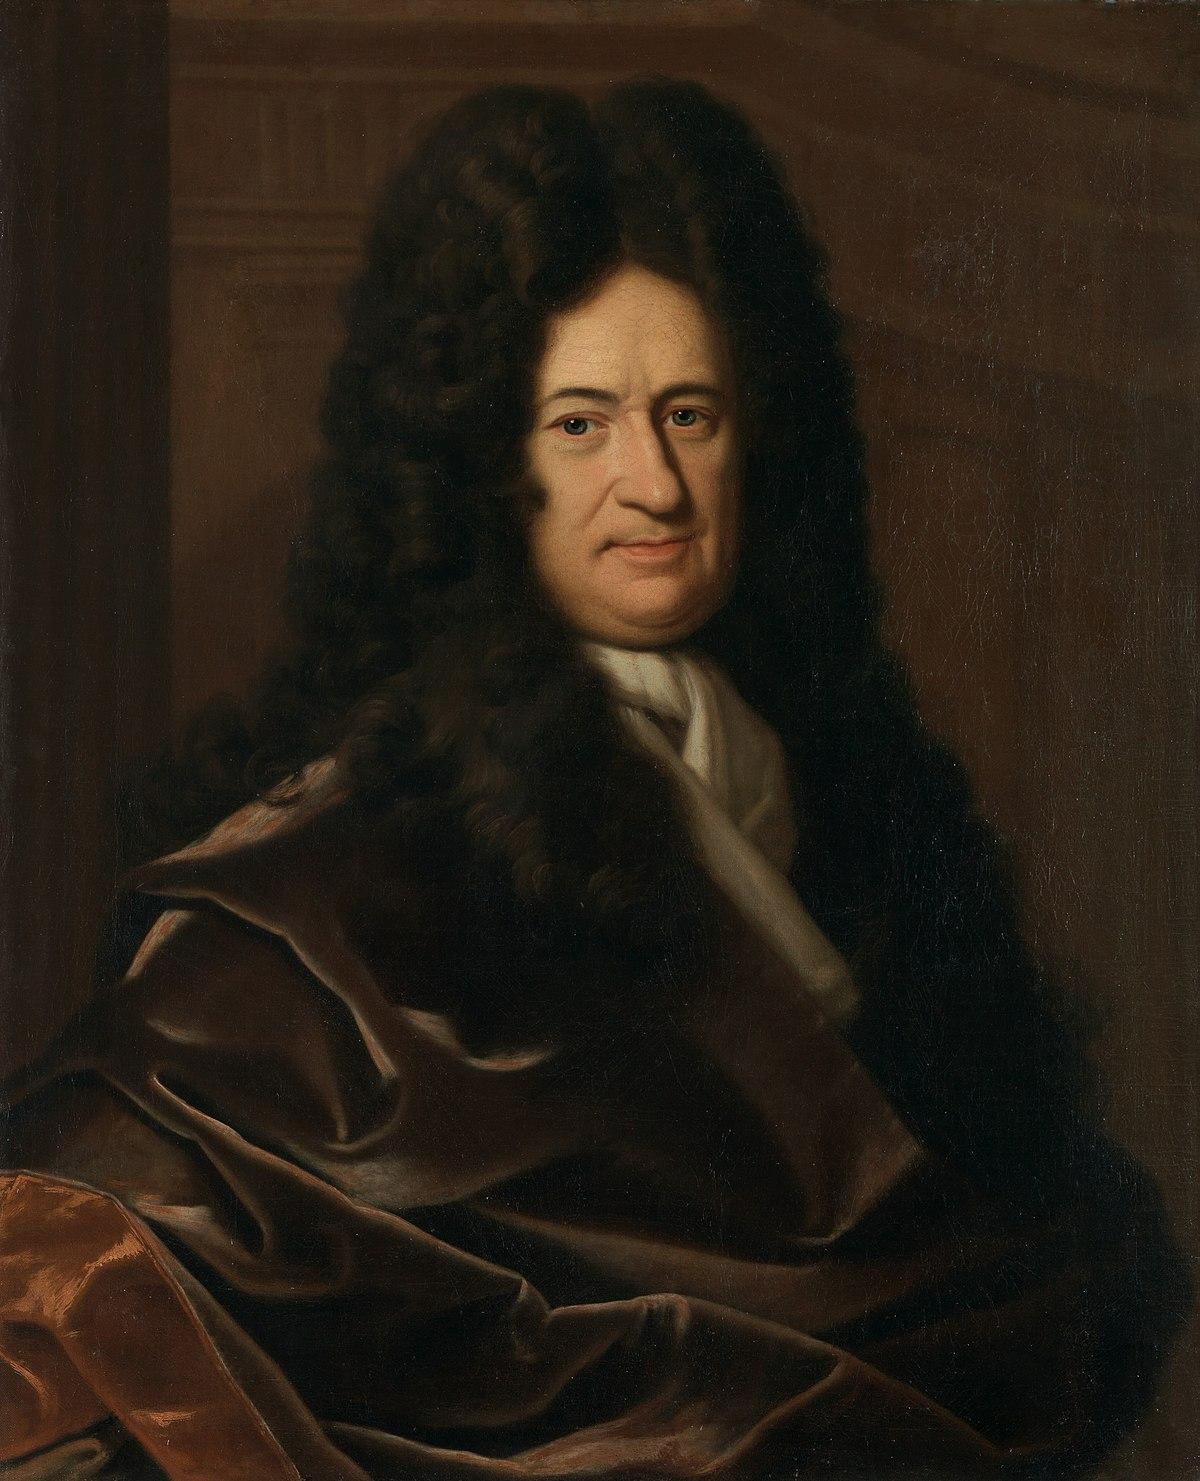 Gottfried Wilhelm Freiherr von Leibniz (* 1. Juli 1646 in Leipzig; † 14. November 1716 in Hannover)